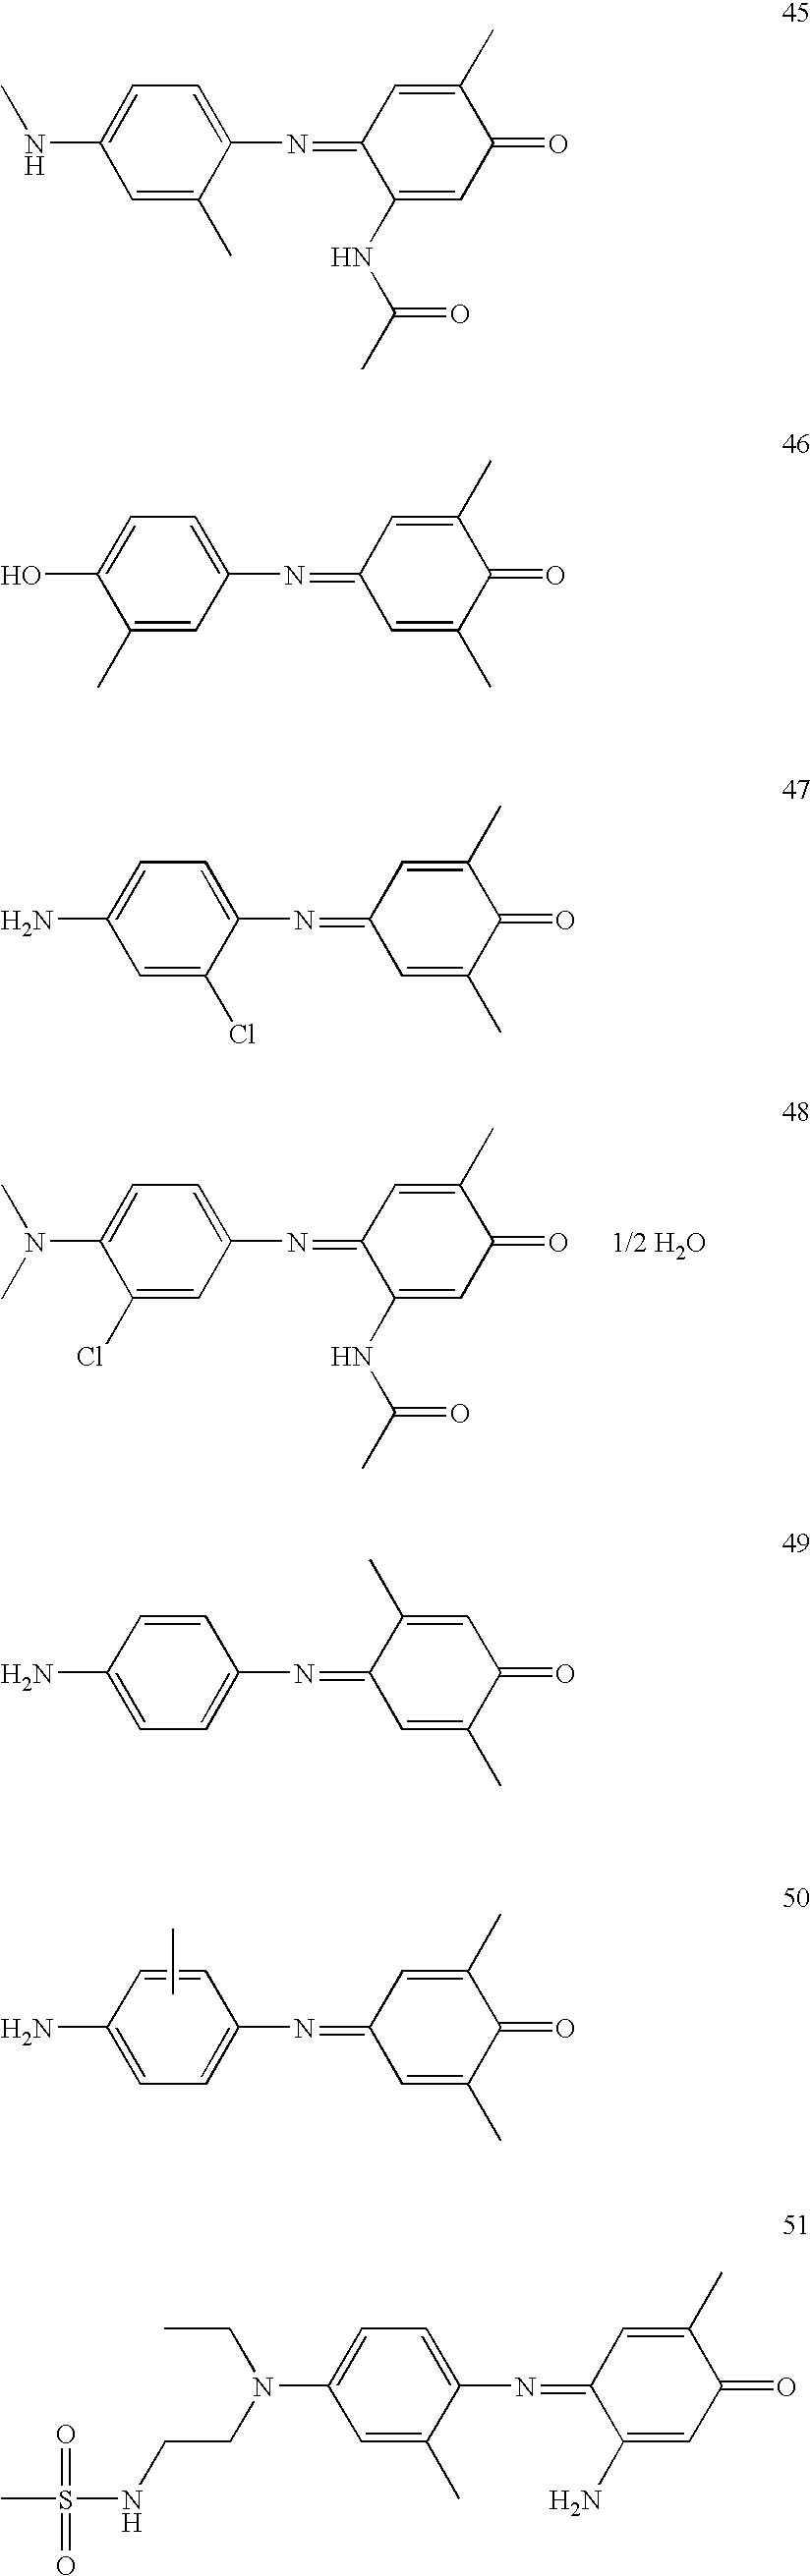 Figure US07645304-20100112-C00020